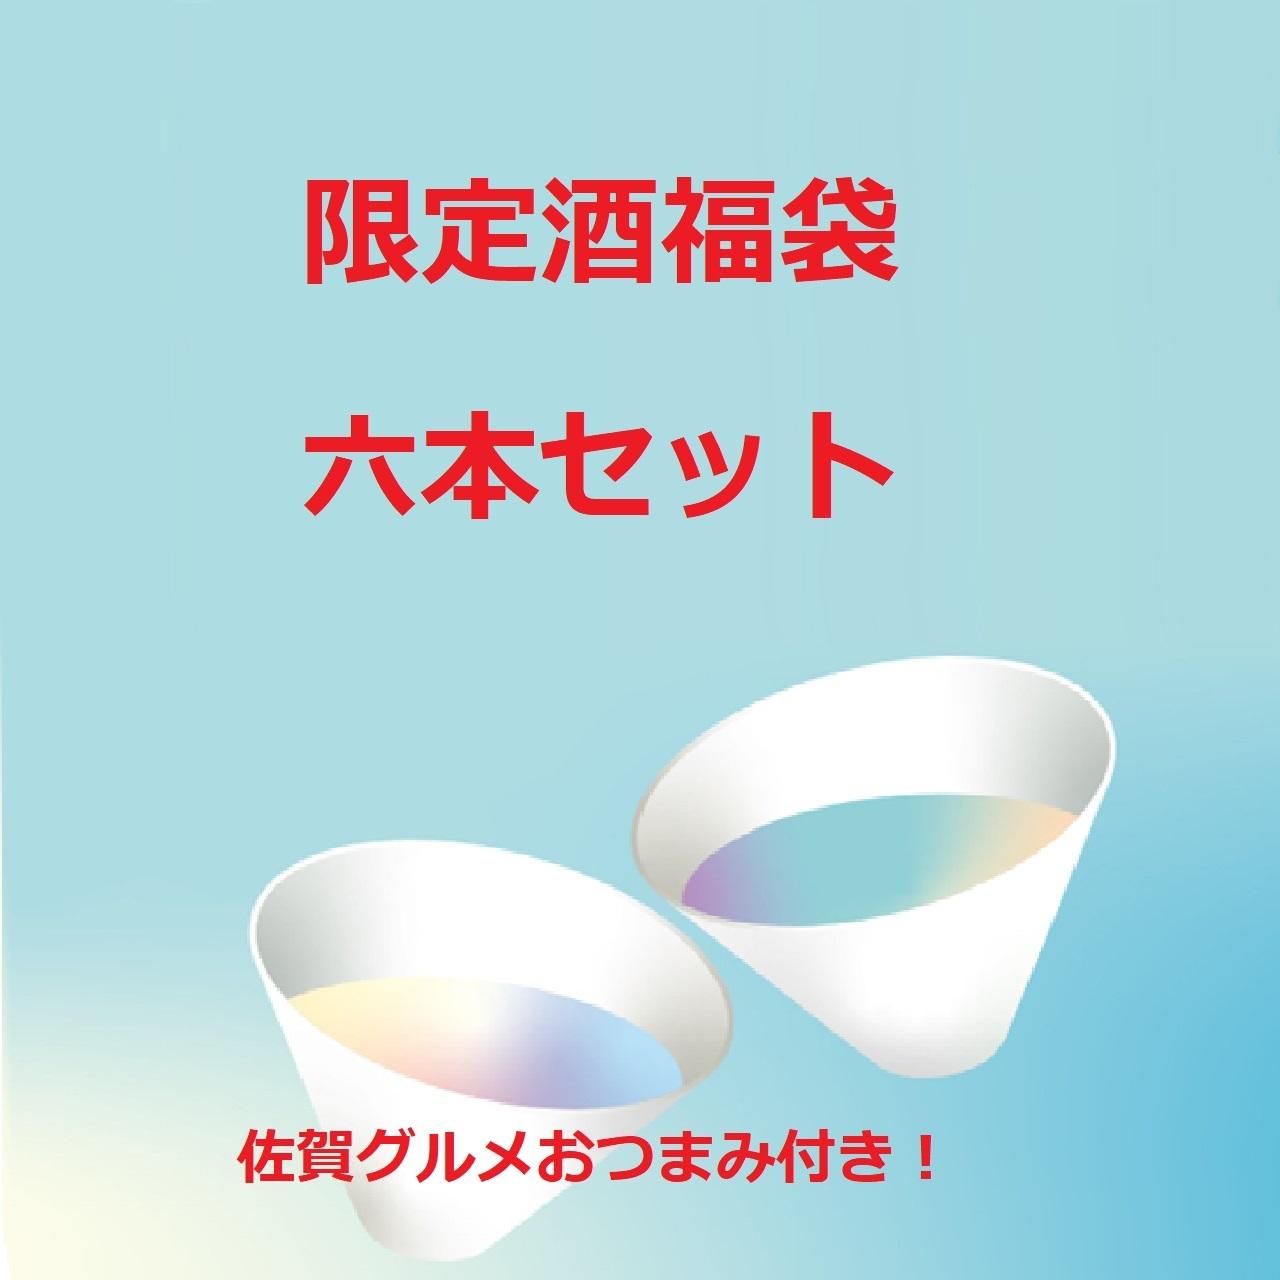 OPEN SAGASAKE6本セット